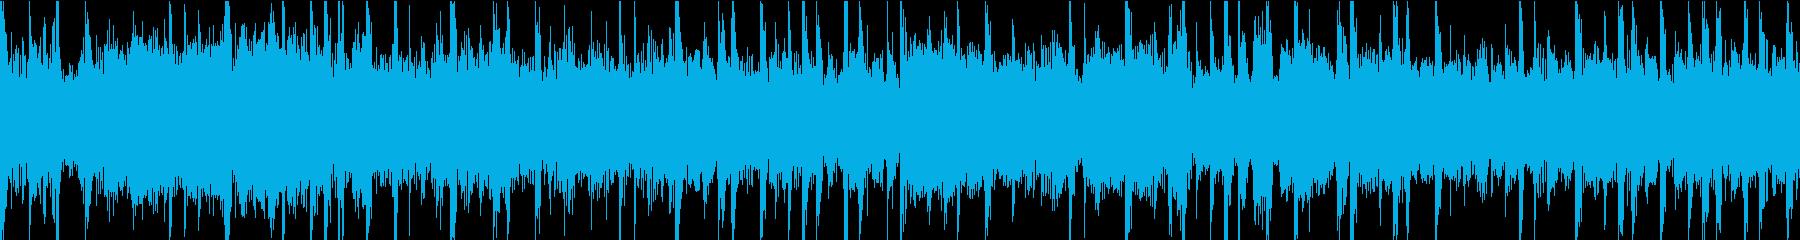 ミステリー、SFに合う不気味なBGMの再生済みの波形